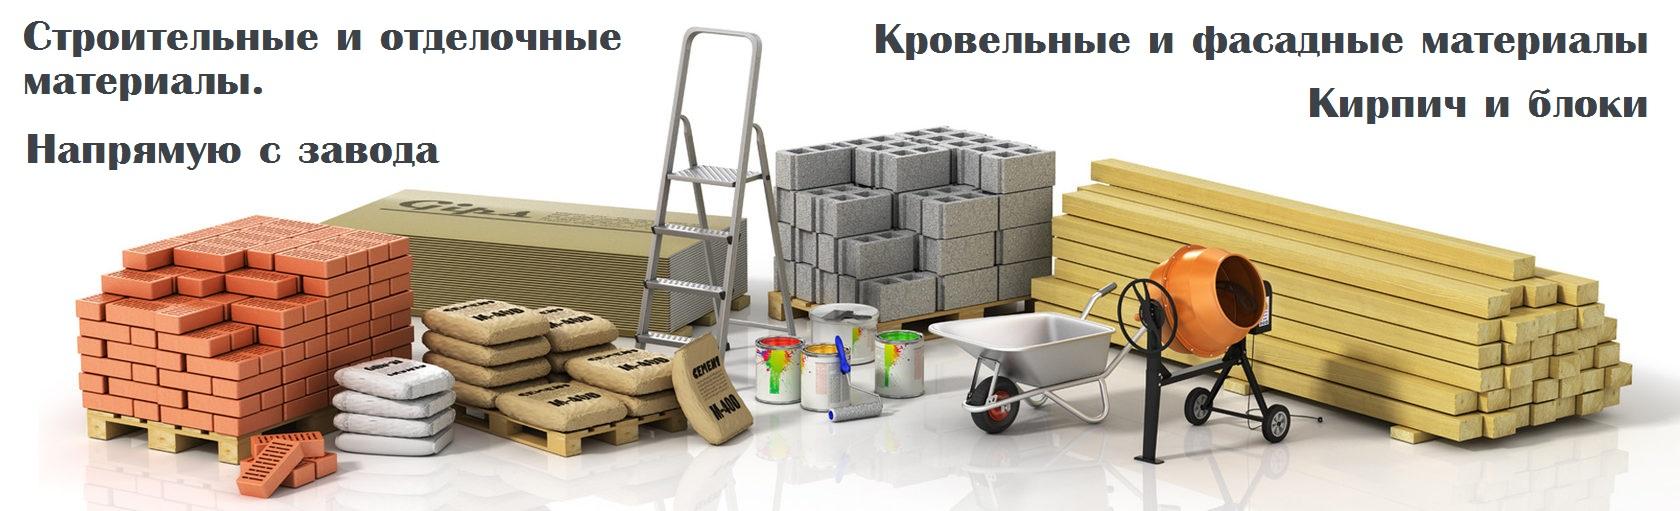 строительные и отделочные материалы сергиев посад